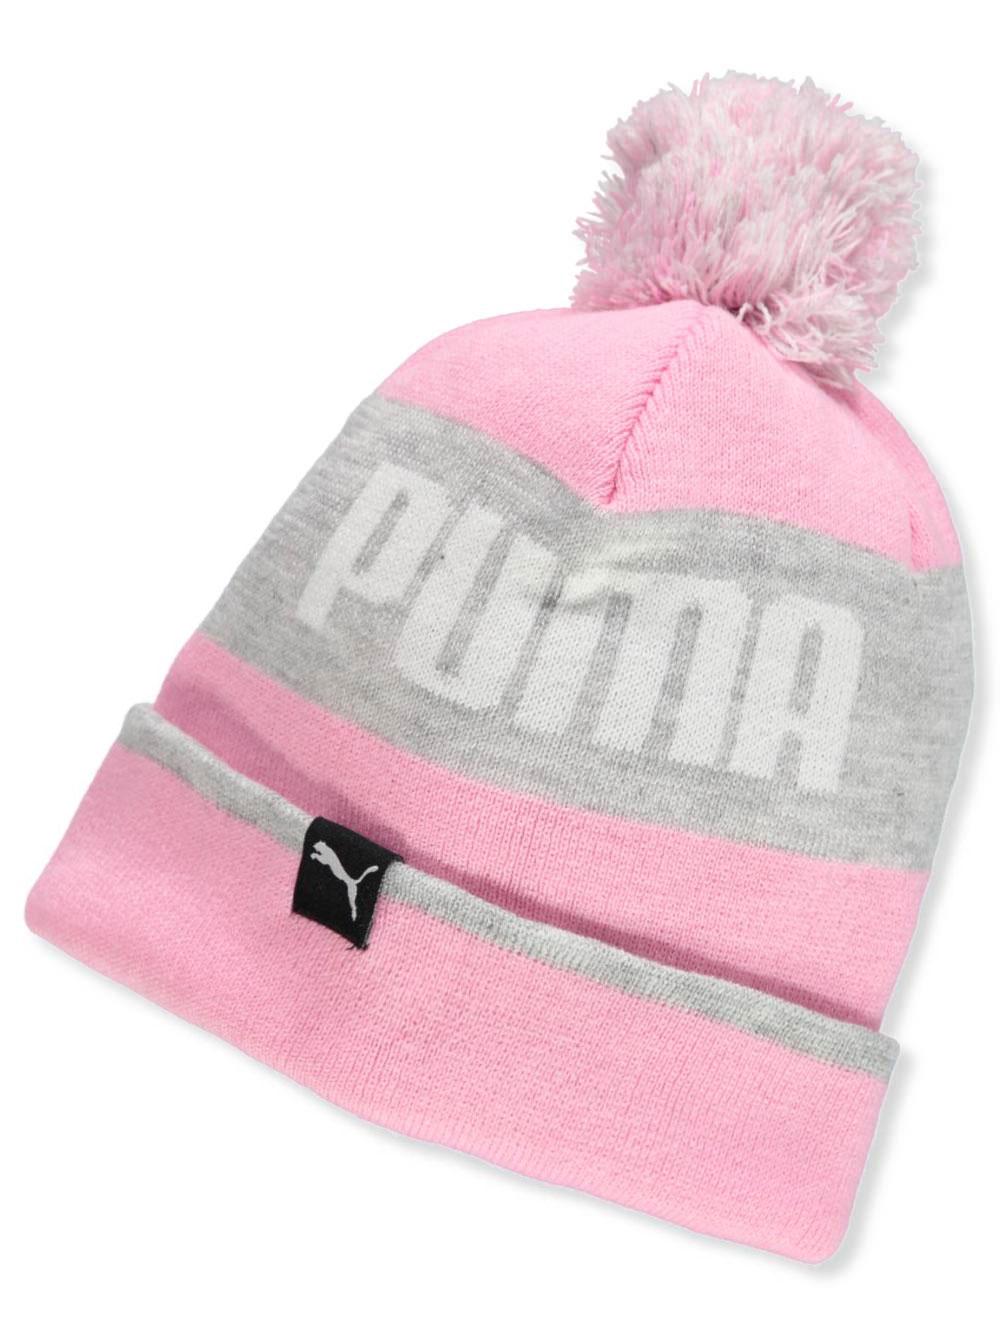 4965dd6e7 Puma Girls' Beanie (Youth One Size)